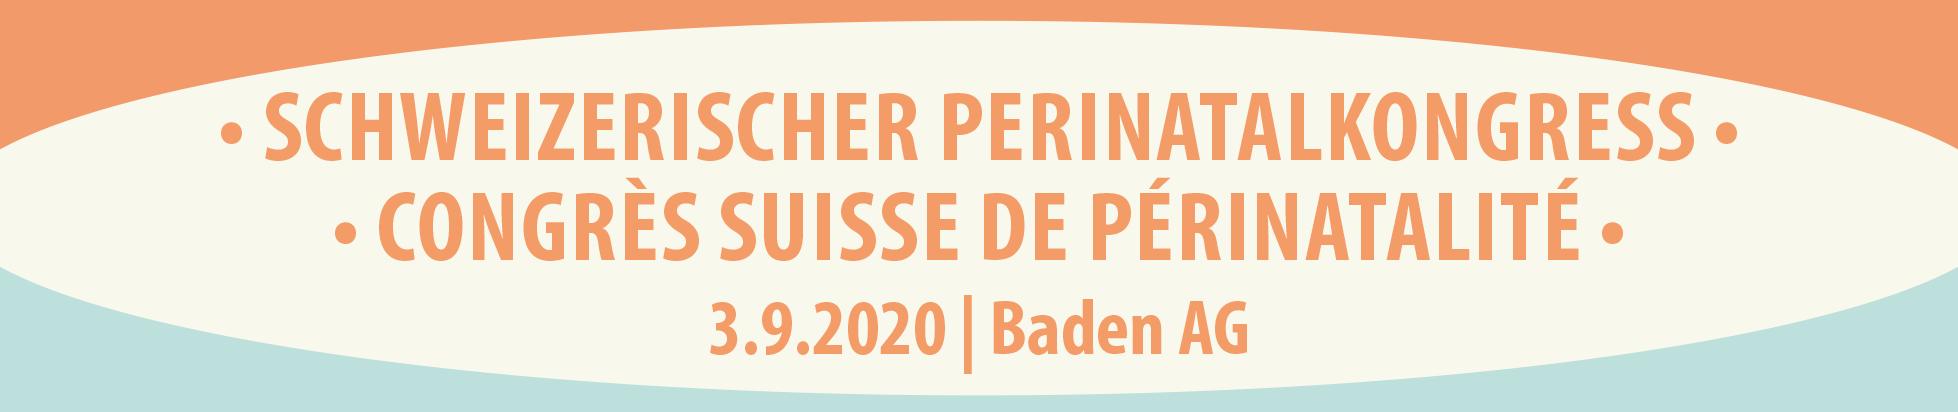 Schweizerischer Perinatalkongress 2020